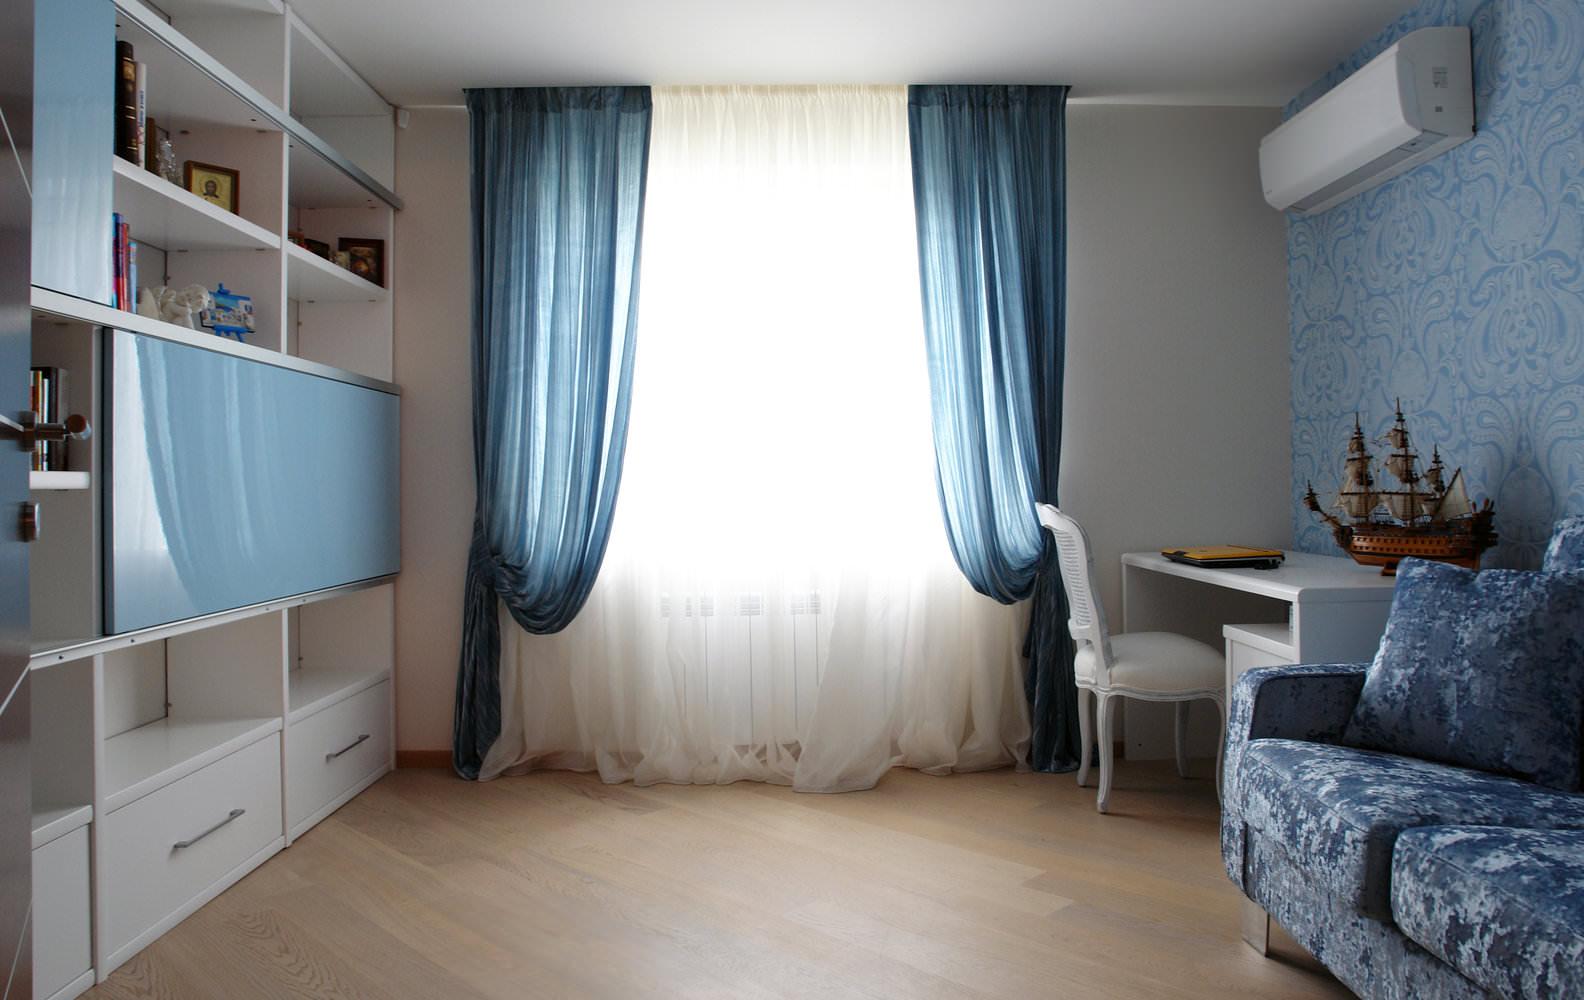 шторы в детскую комнату для мальчика фото идеи